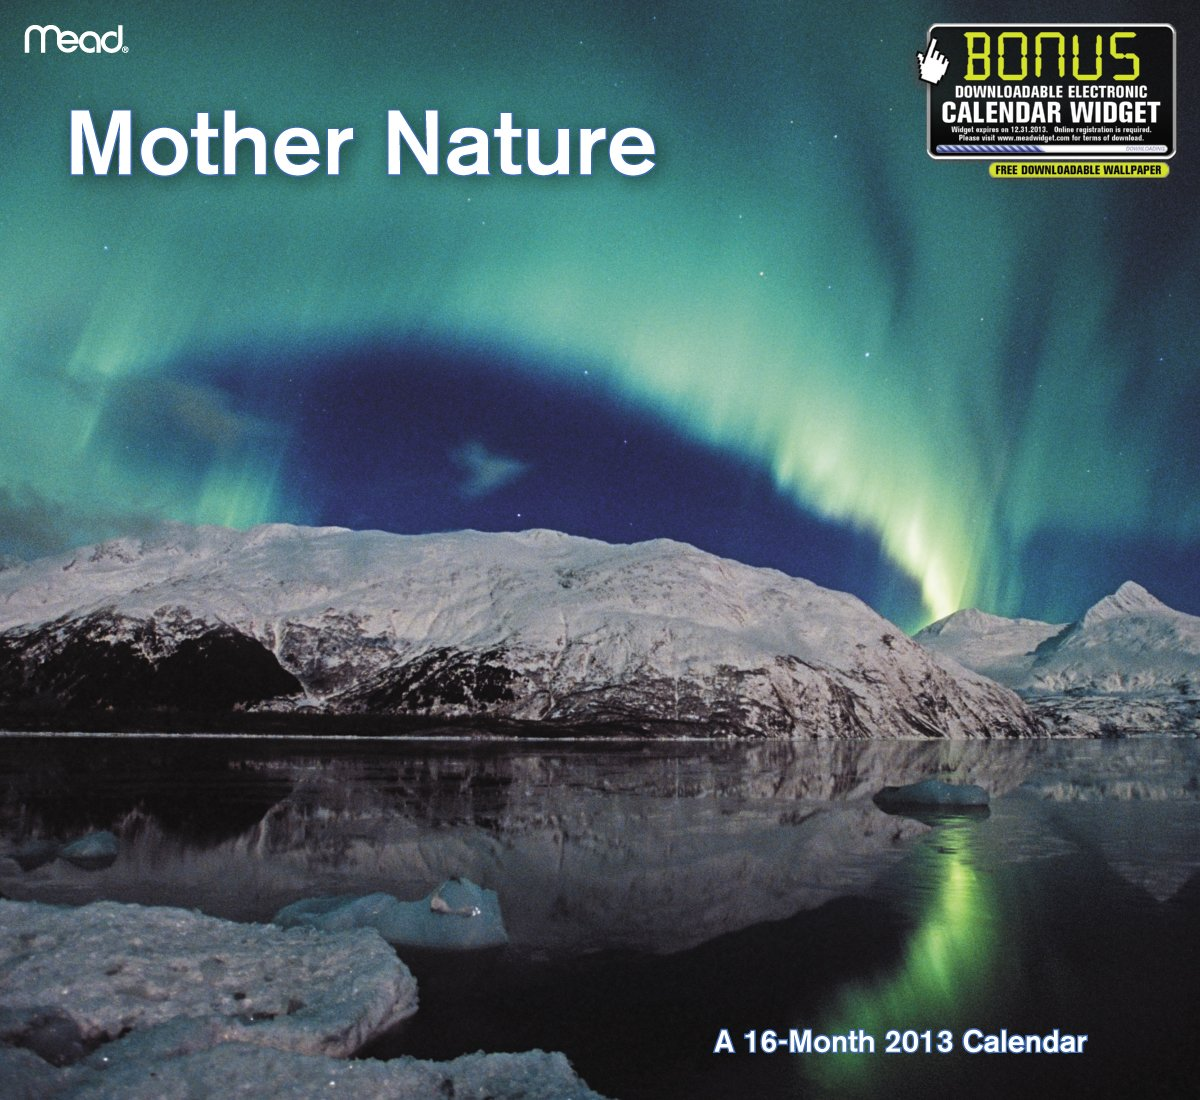 2013 Mother Nature Wall  Calendar ebook